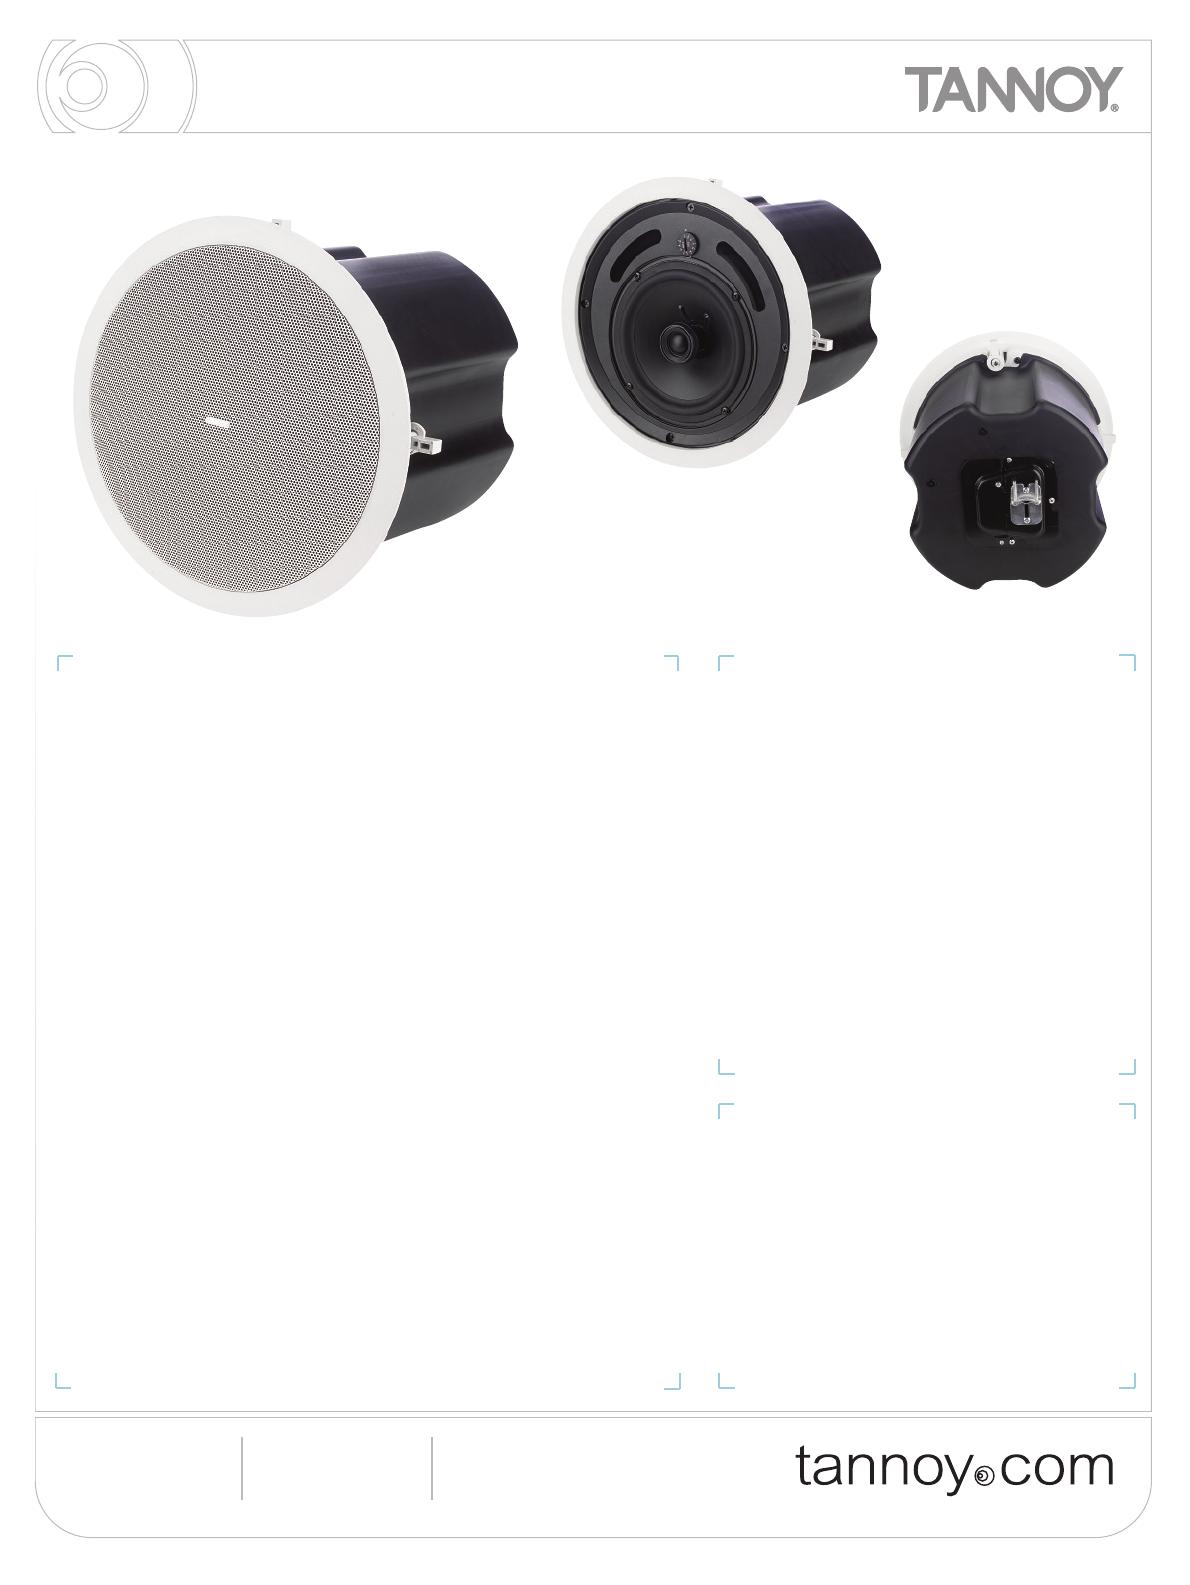 tannoy portable speaker cvs6 user guide manualsonline com rh portablemedia manualsonline com